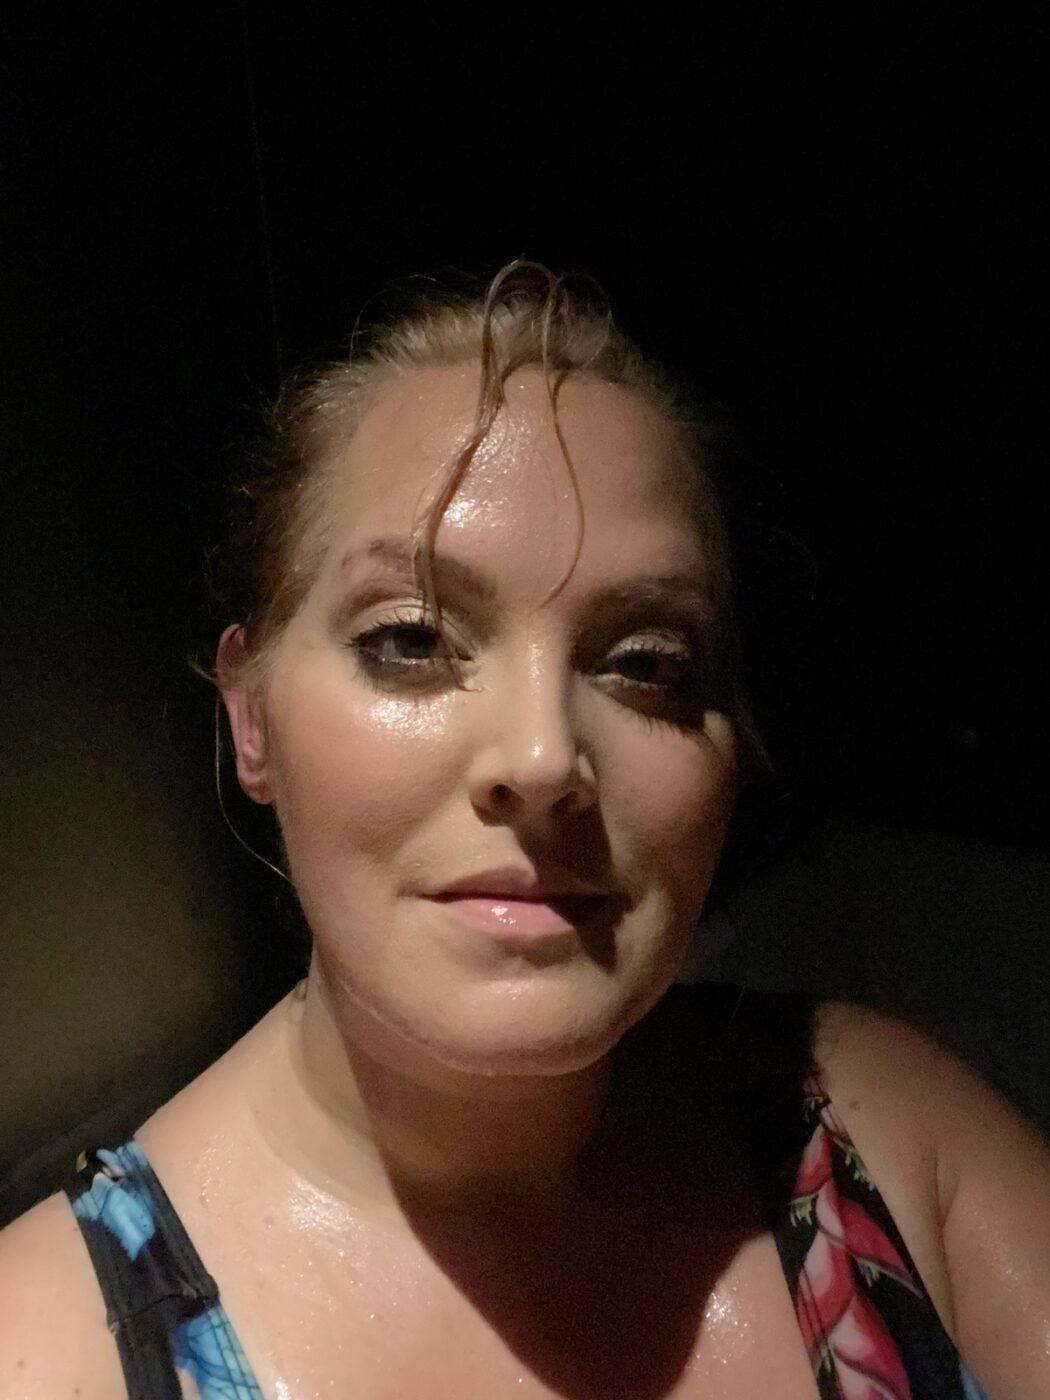 En närbild på Elin med fuktigt ansikte och en hårslinga framför ögonen. Hon ser avslappnad ut.